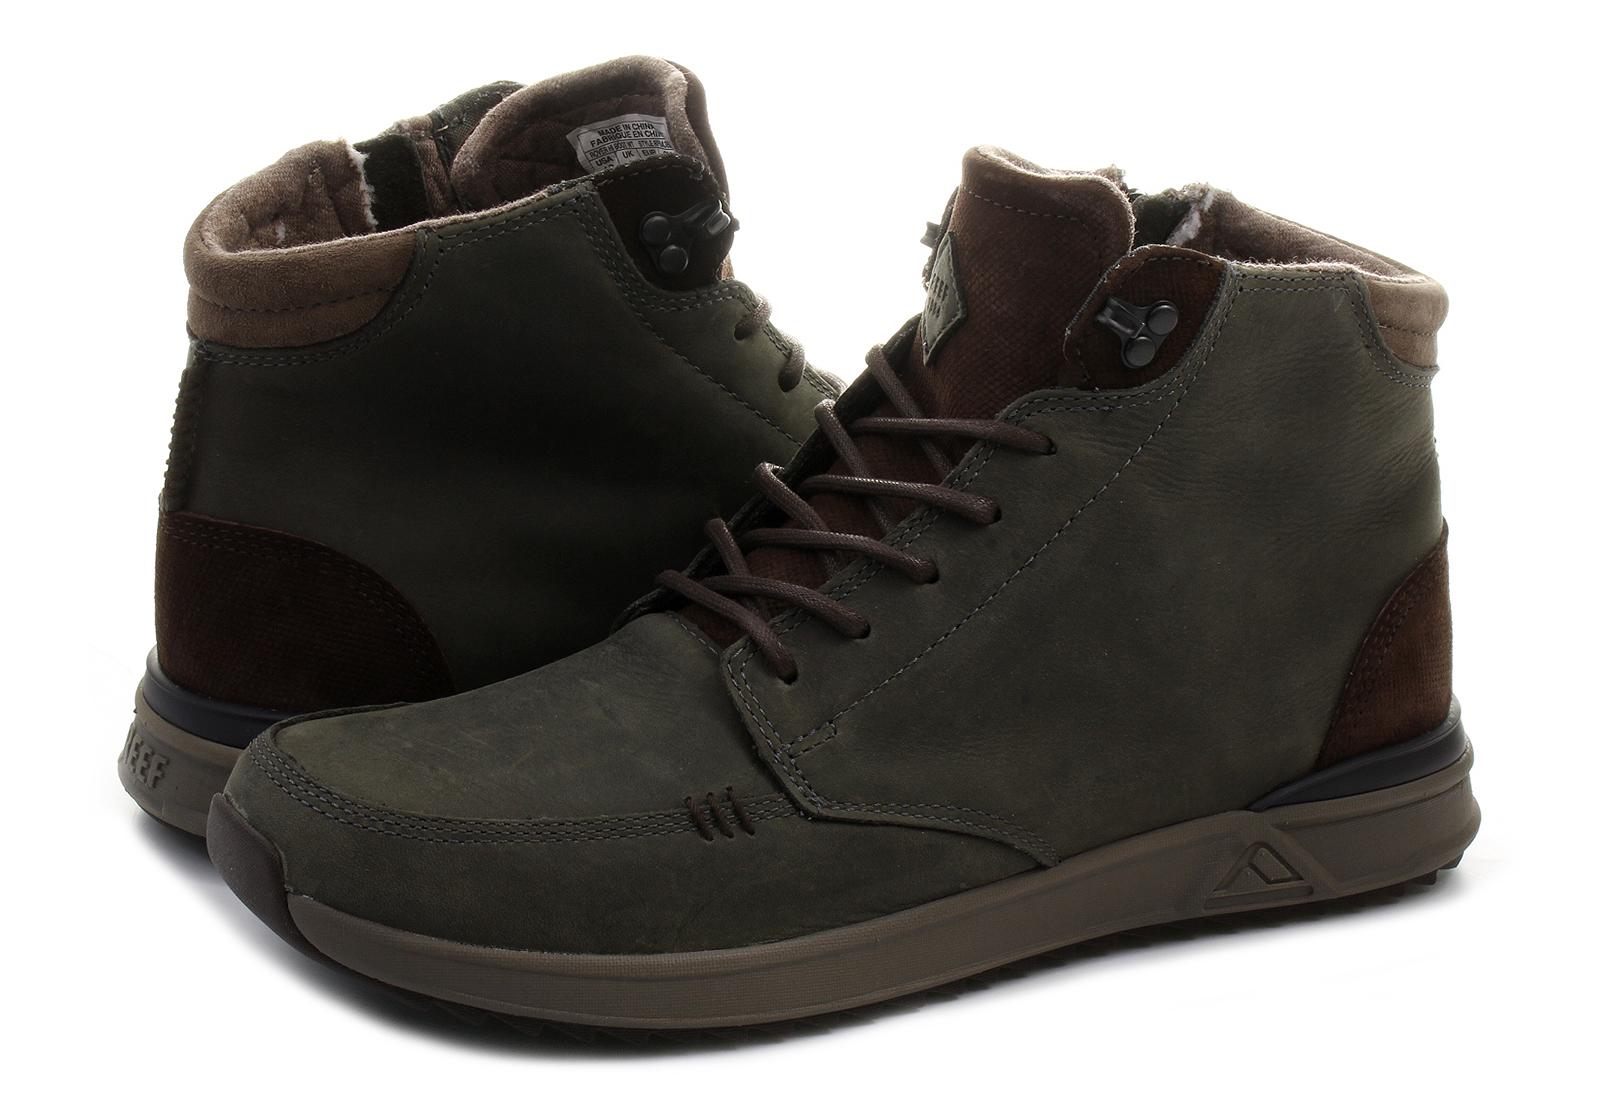 Reef Shoes Rover Hi Boot Wt Ra3624cab Online Shop